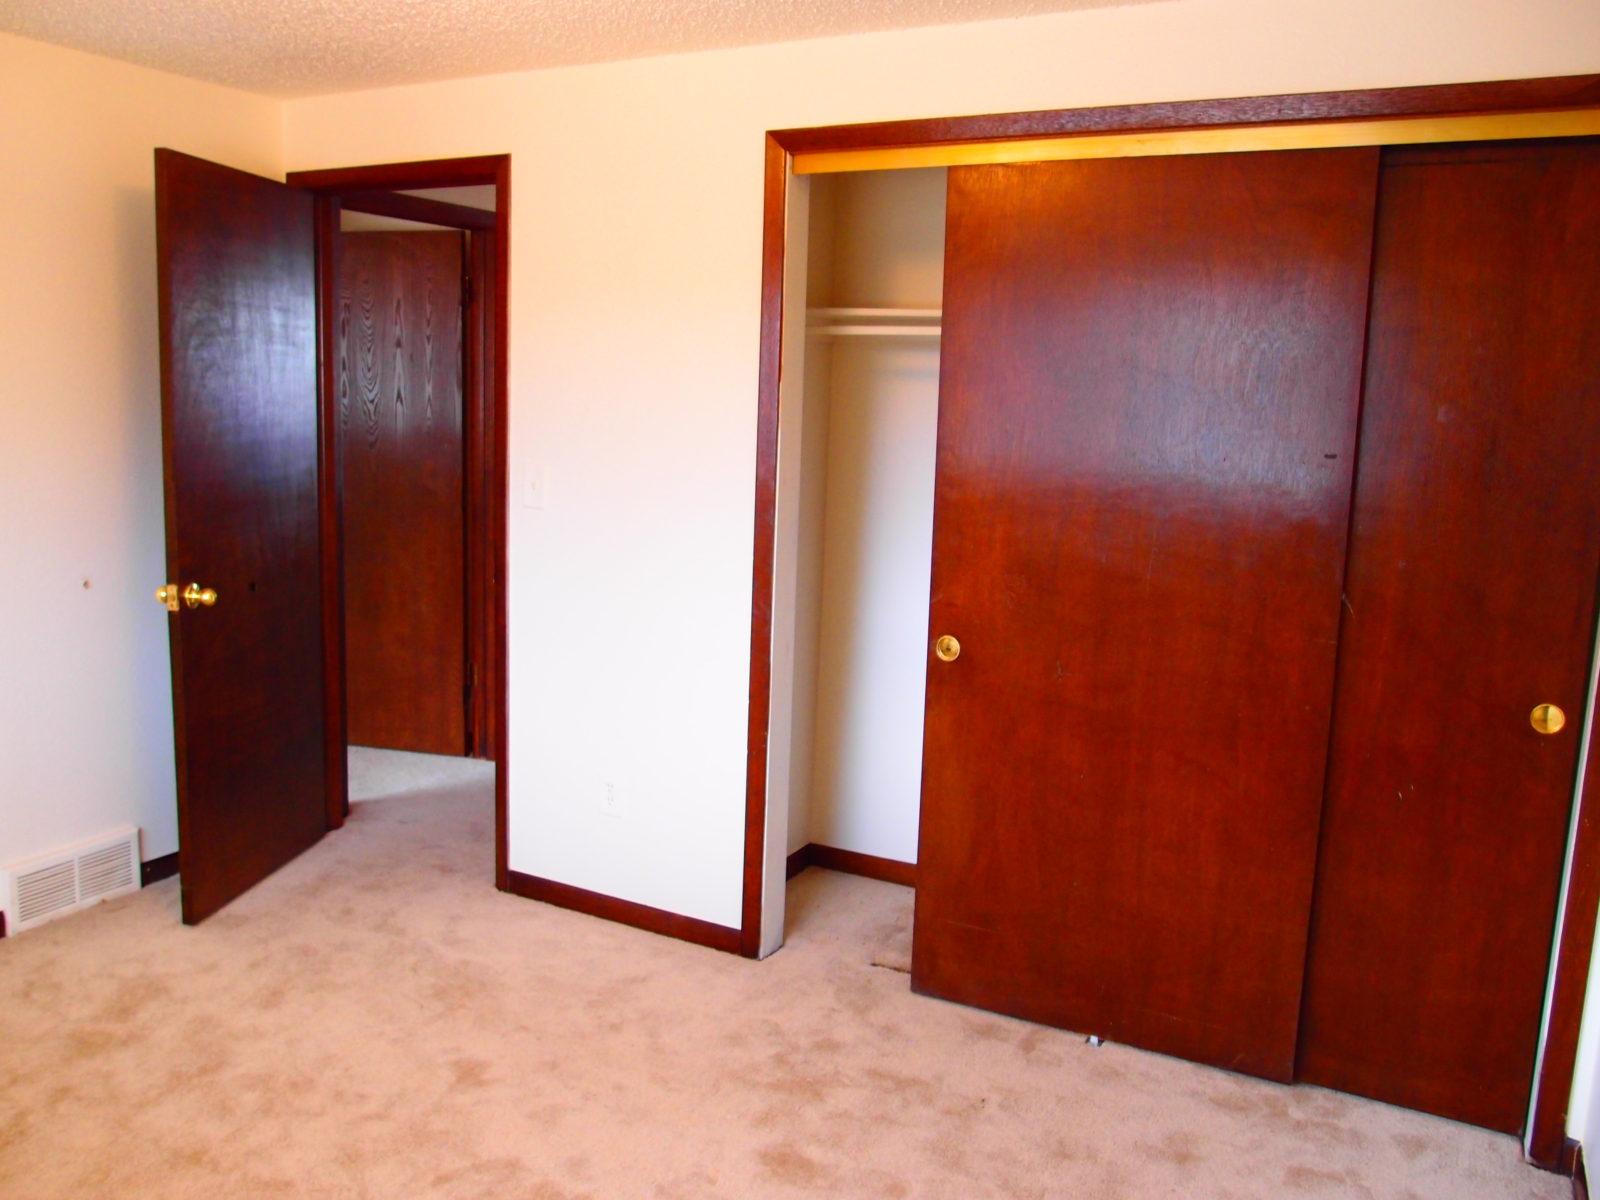 2168 Dexter: Bedroom 2 Closet